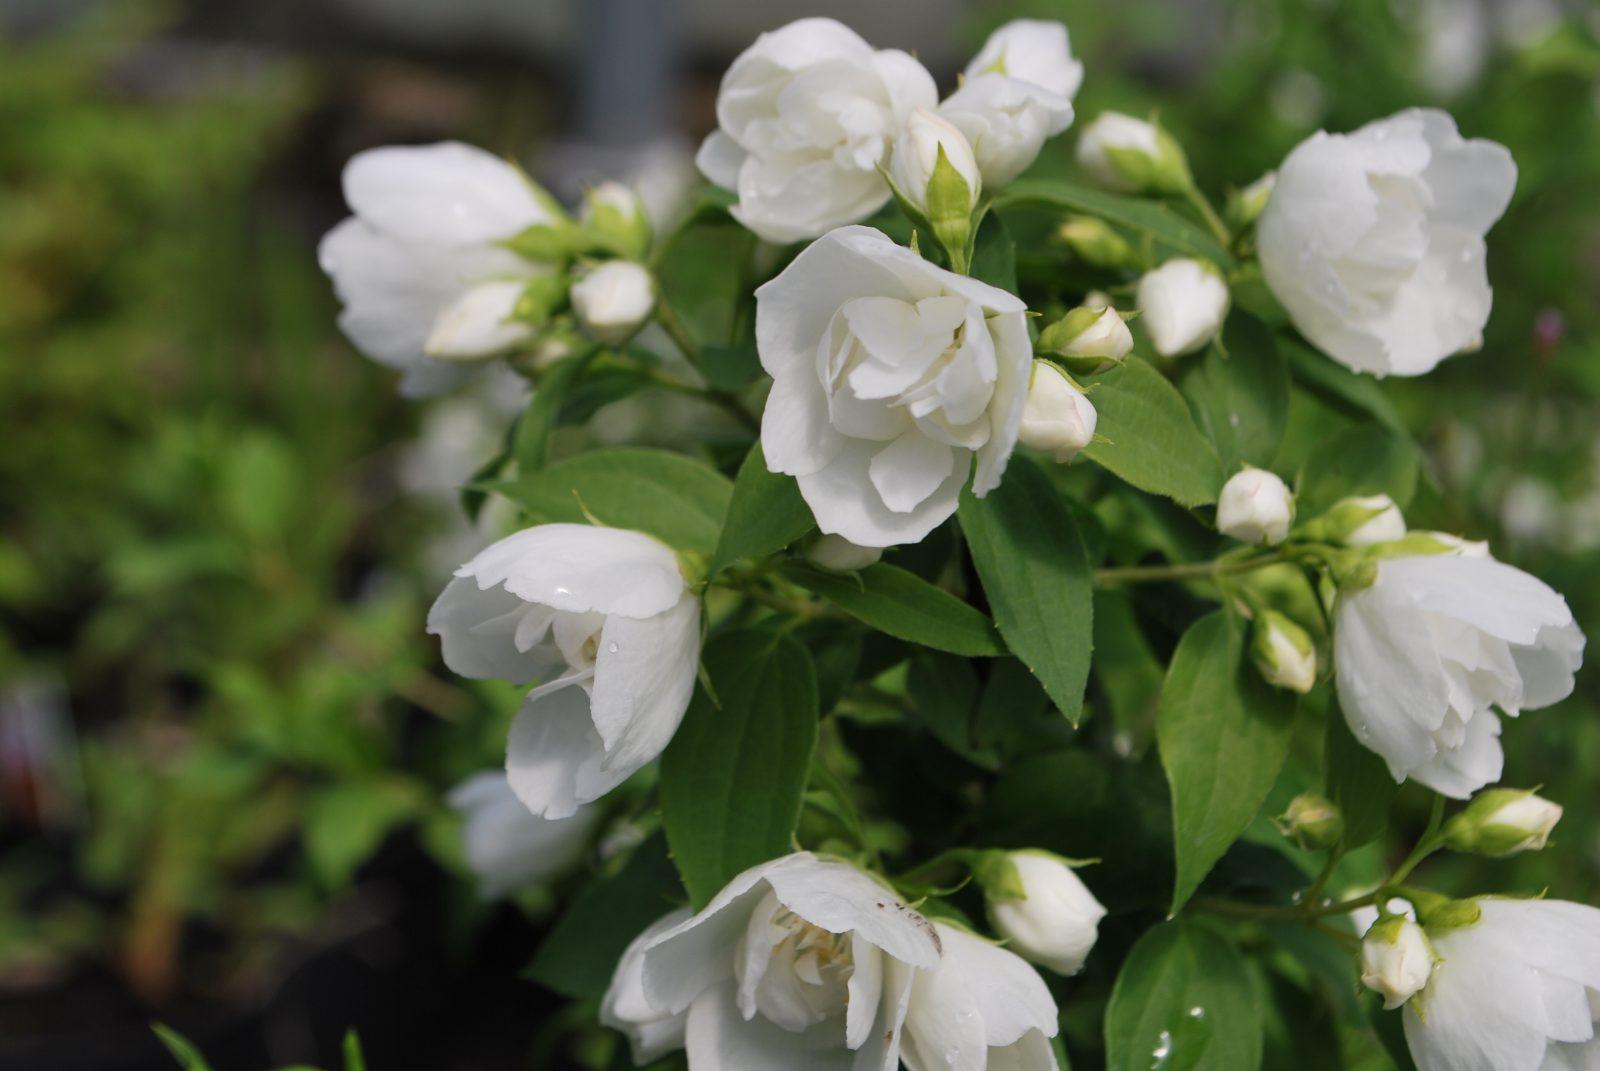 Philadelphus manteau d 39 hermine 39 emerald plants - Philadelphus manteau d hermine ...